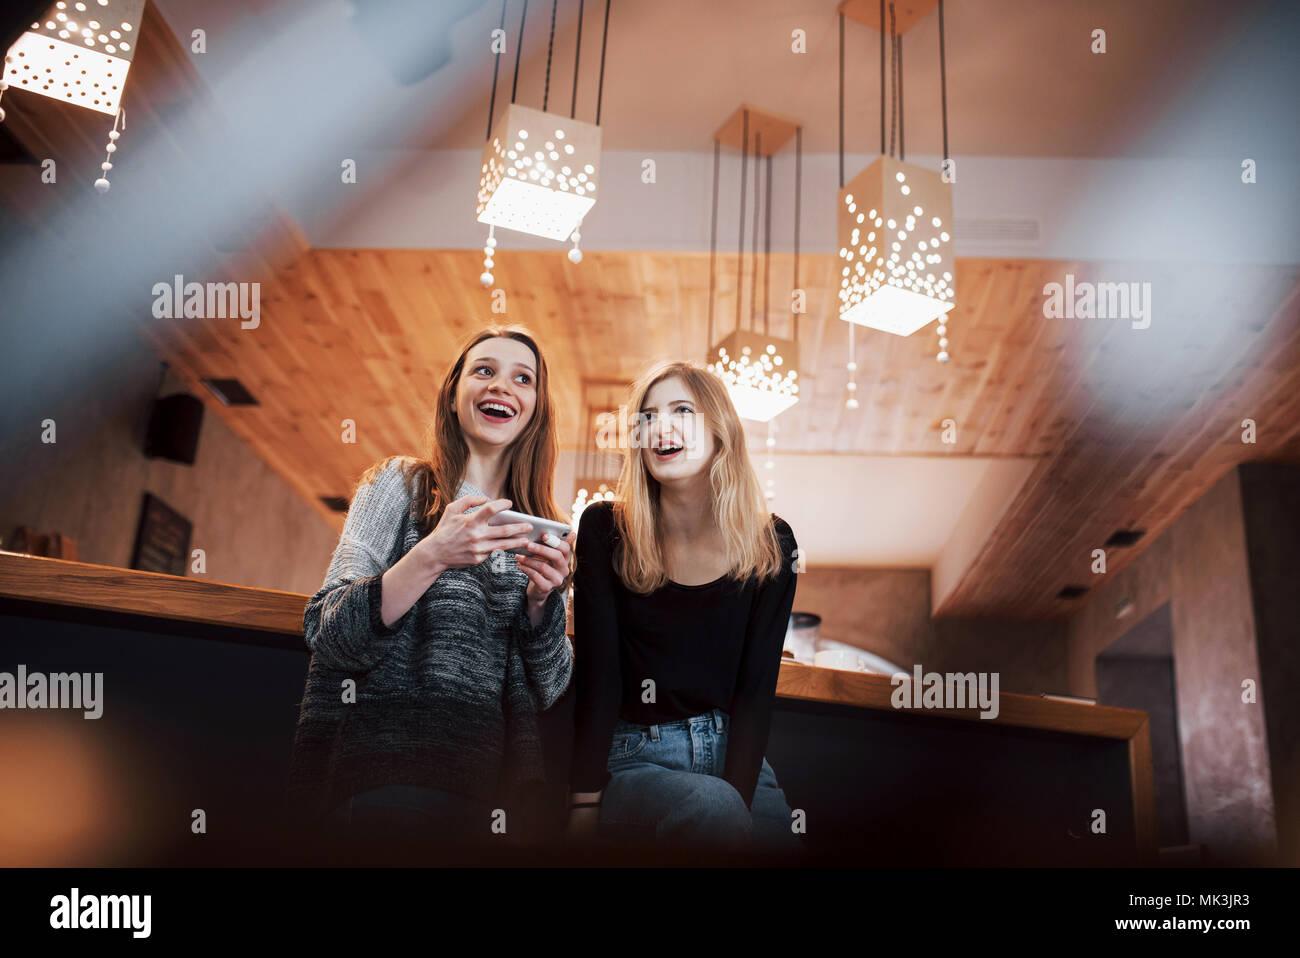 La comunicazione e il concetto di amicizia - sorridente giovani donne con tazze di caffè al caffè Immagini Stock